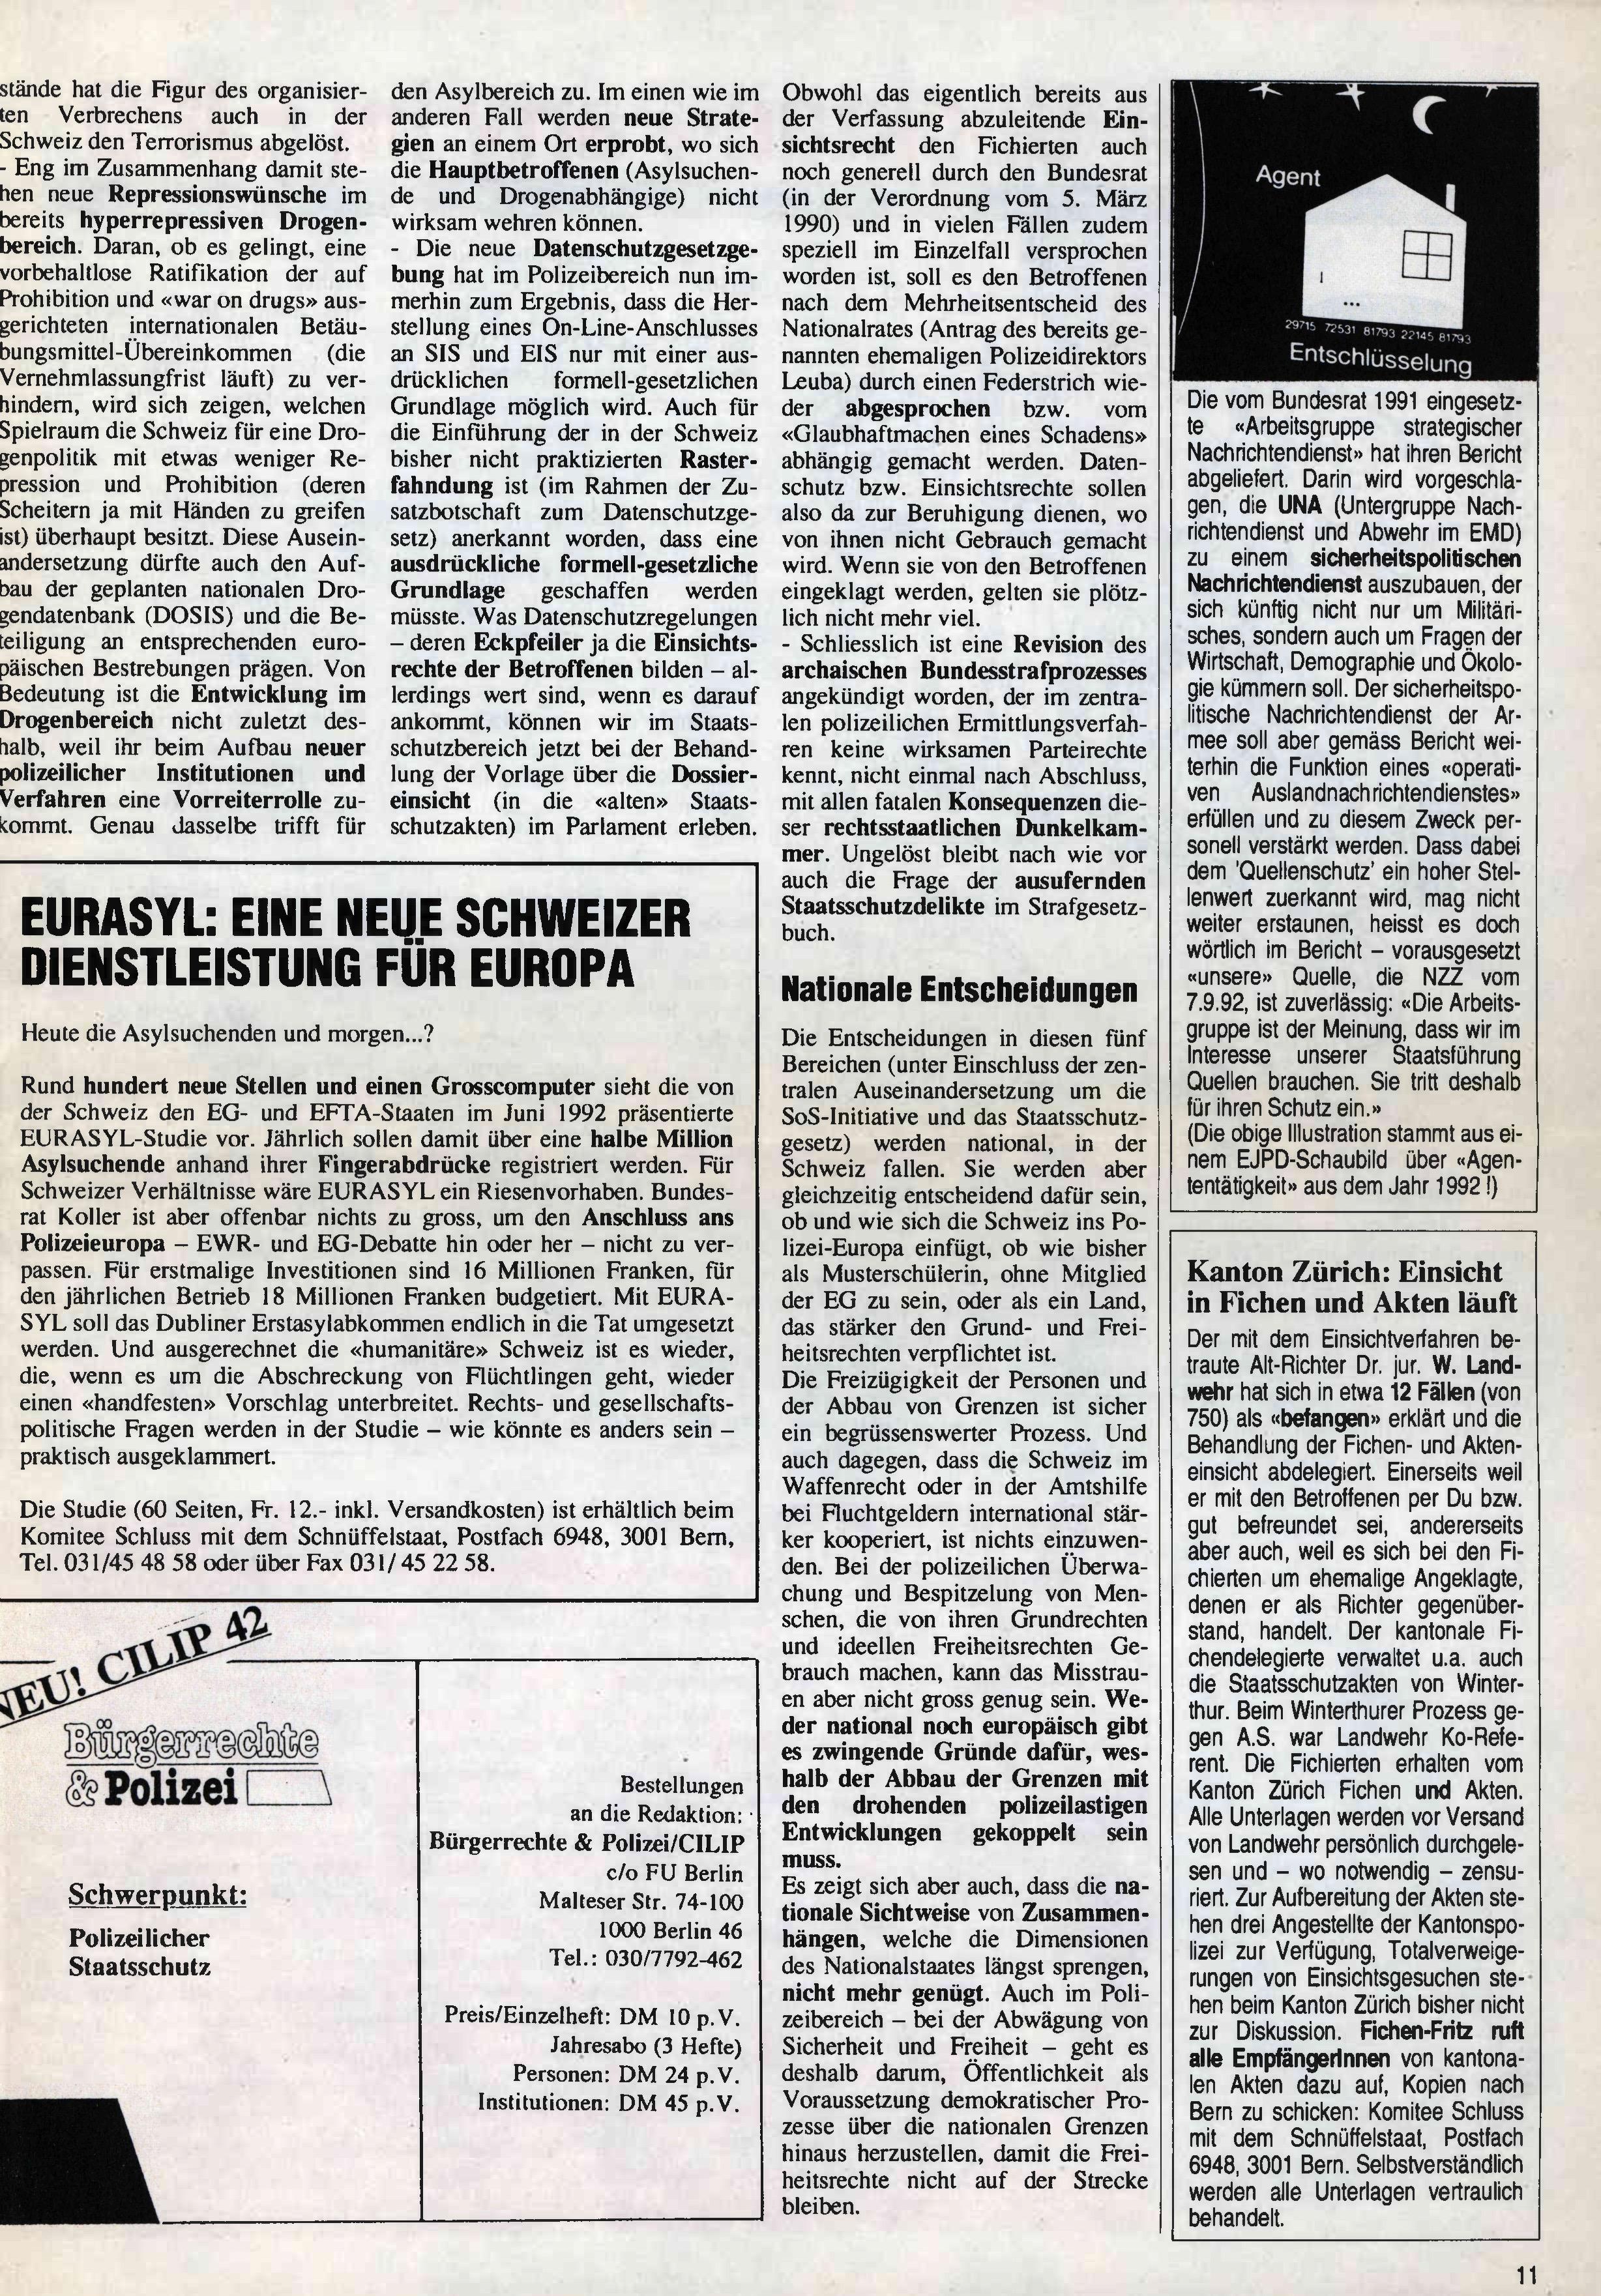 FICHEN FRITZ NR. 11 - SEITE 11